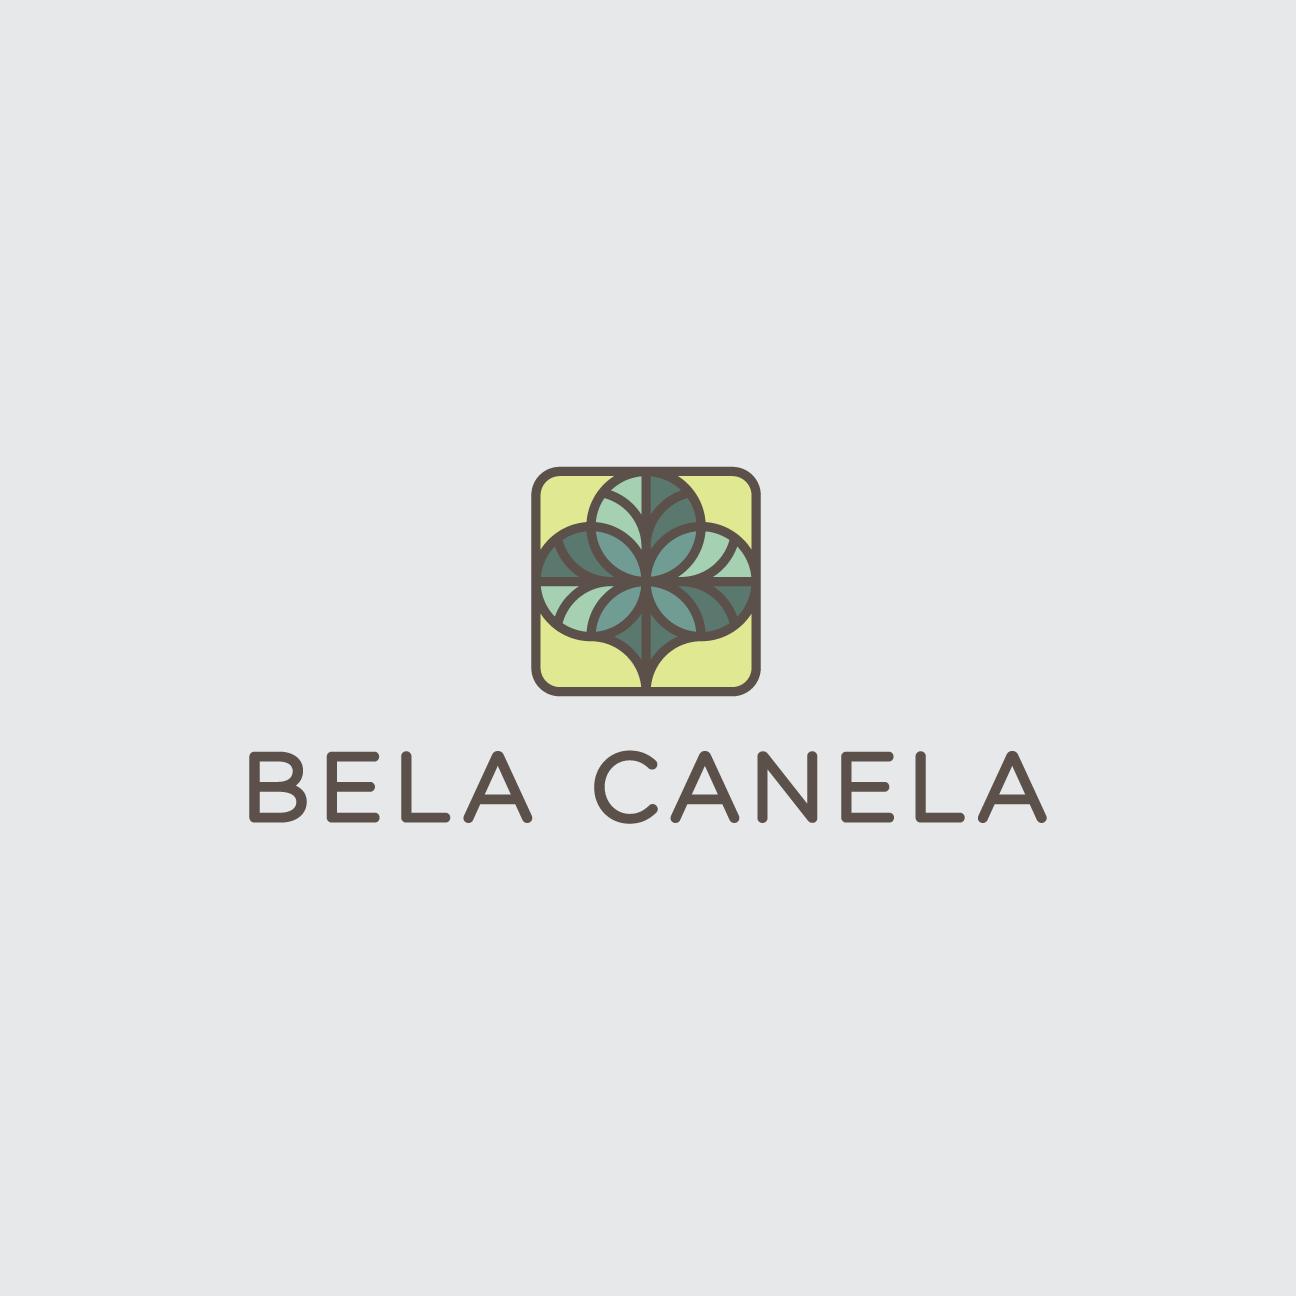 Bela Canela Logo